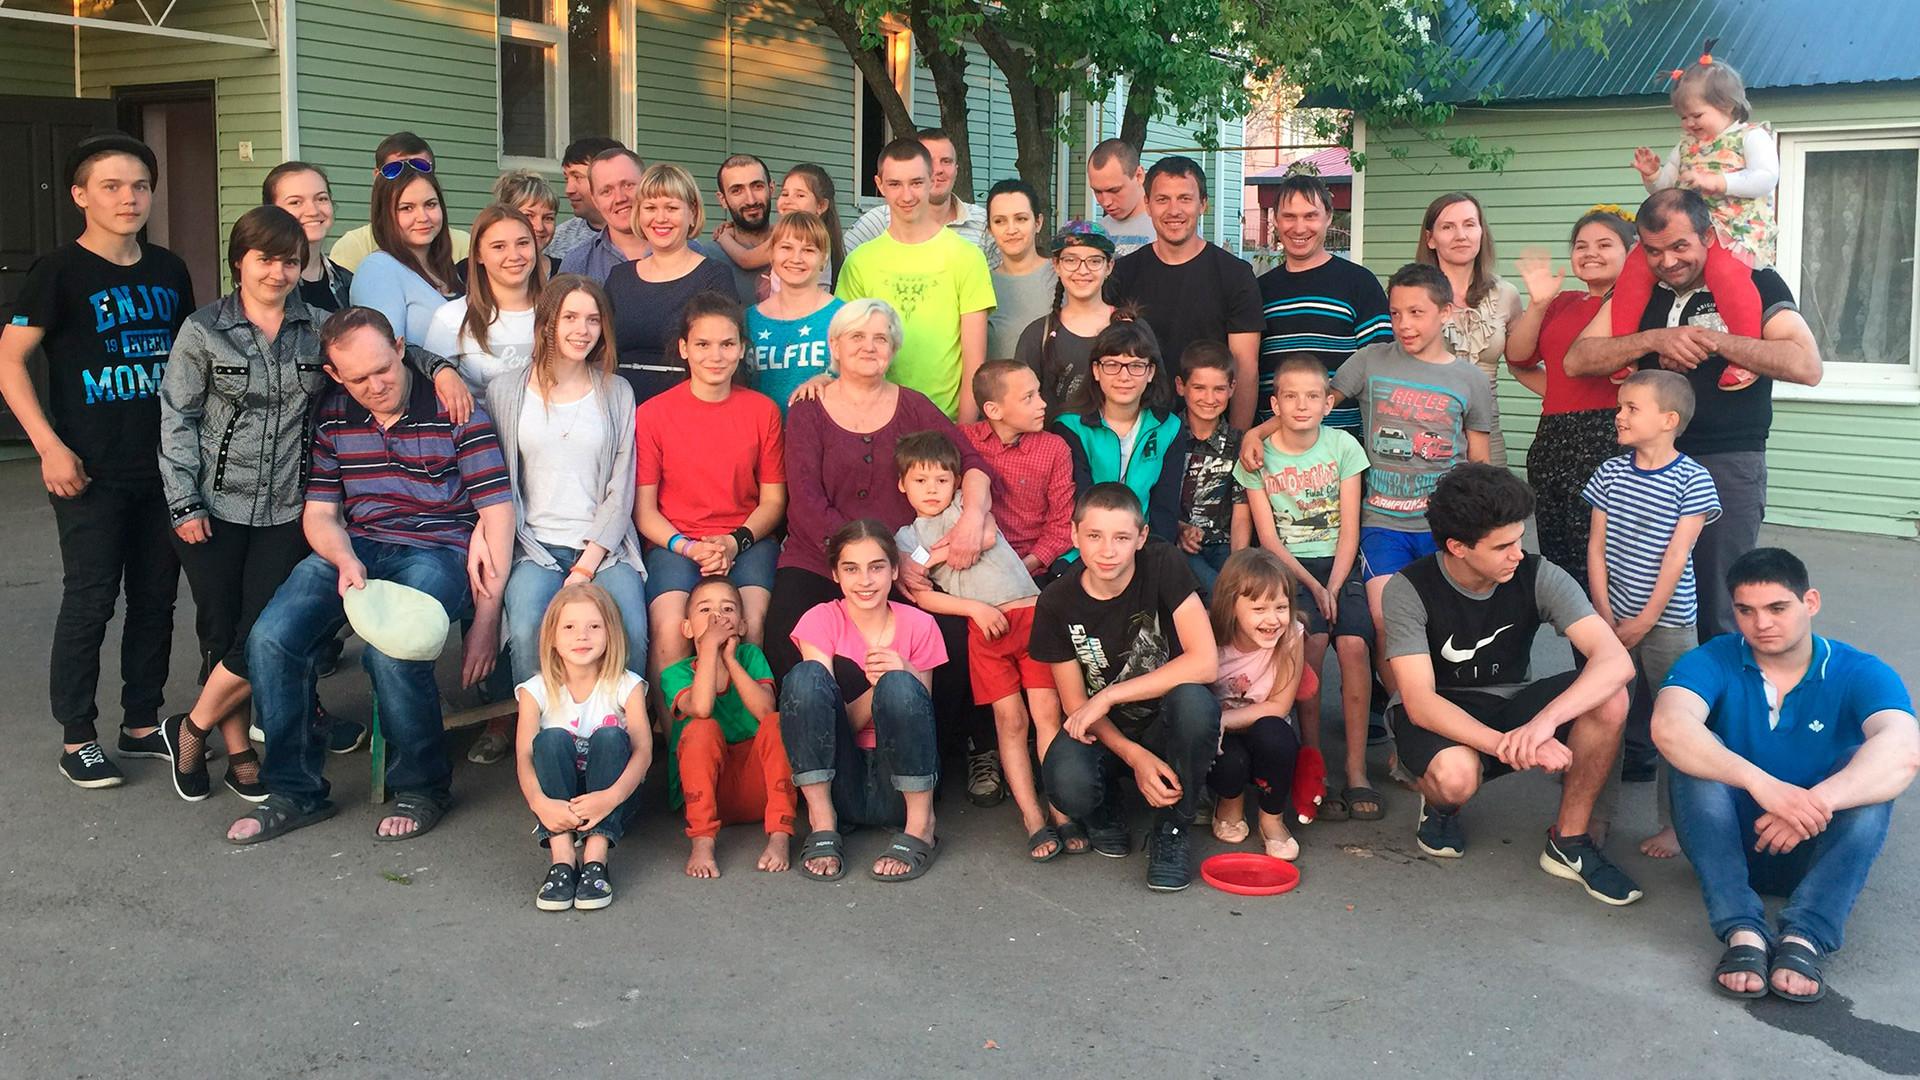 Семејна фотографија (2018)